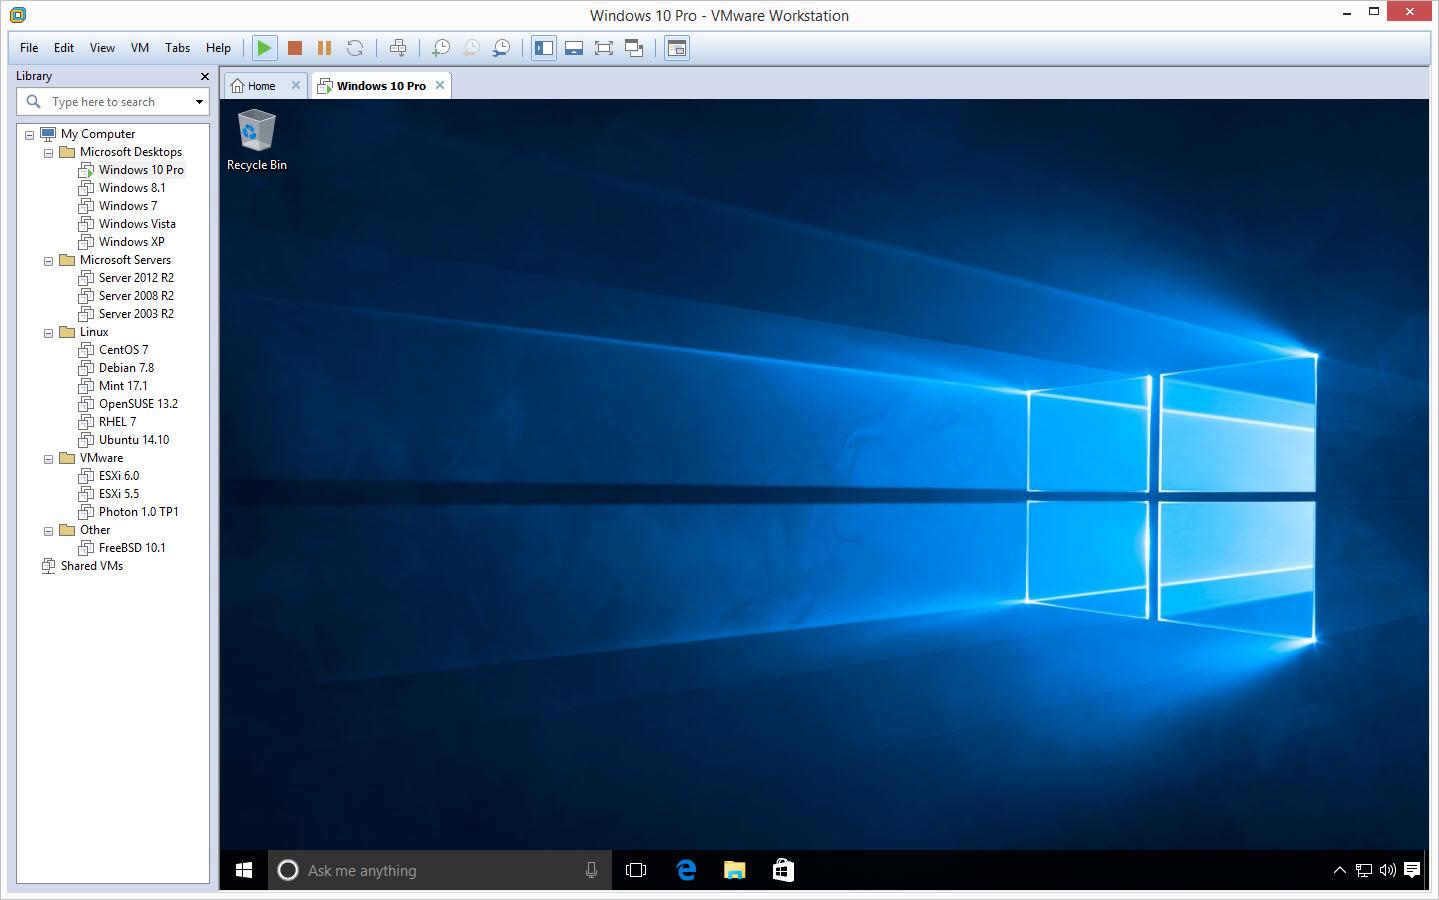 VMware Workstation Running Windows 10